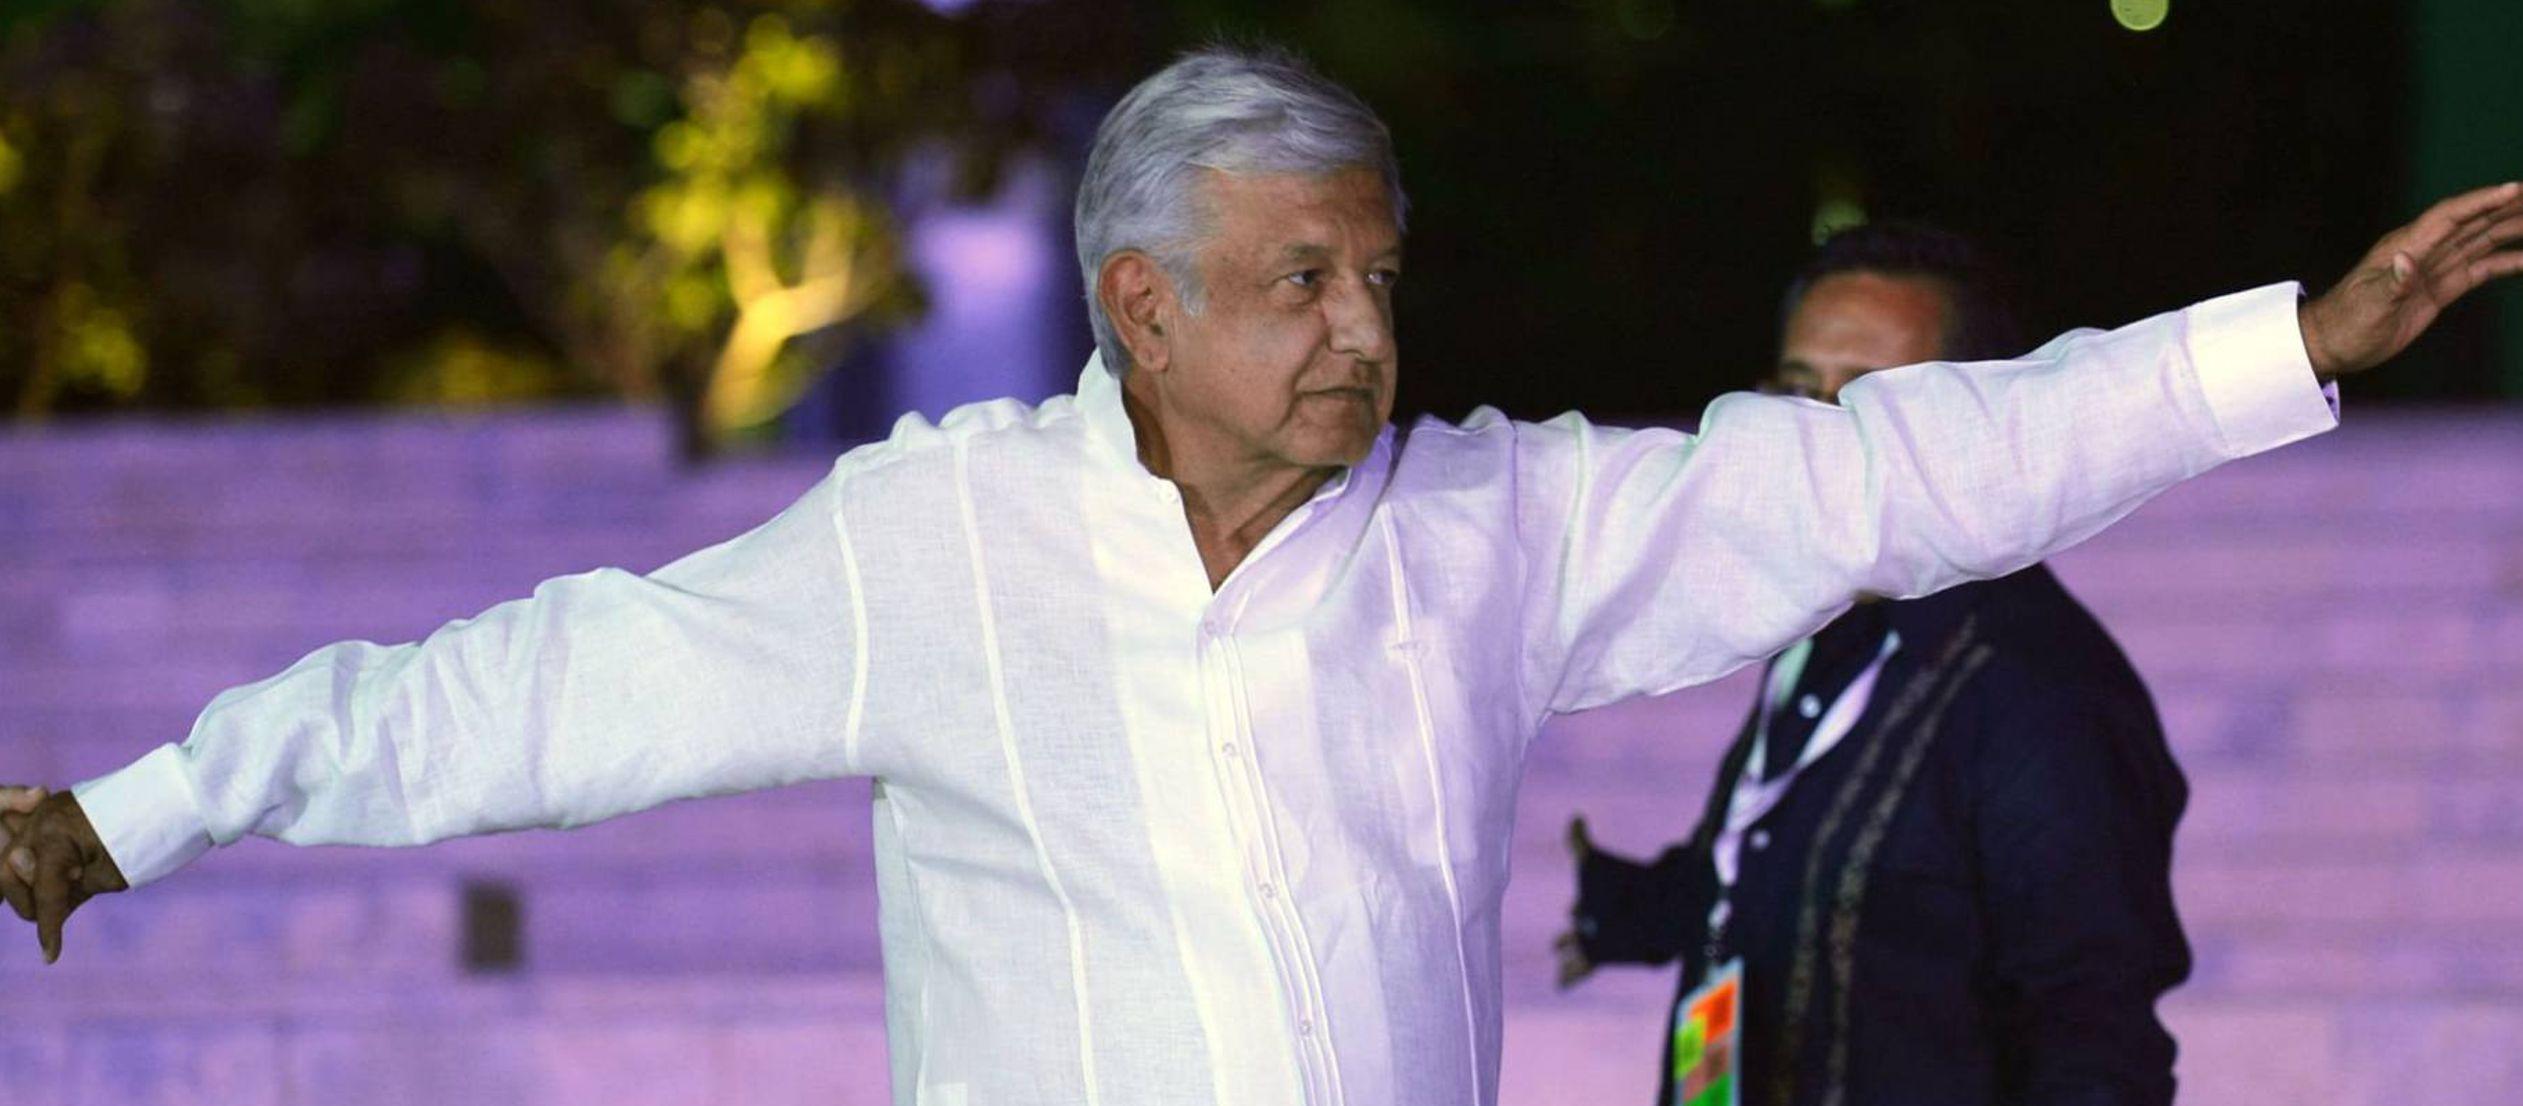 Más frustrante resultó el debate de José Antonio Meade. El aspirante del PRI...